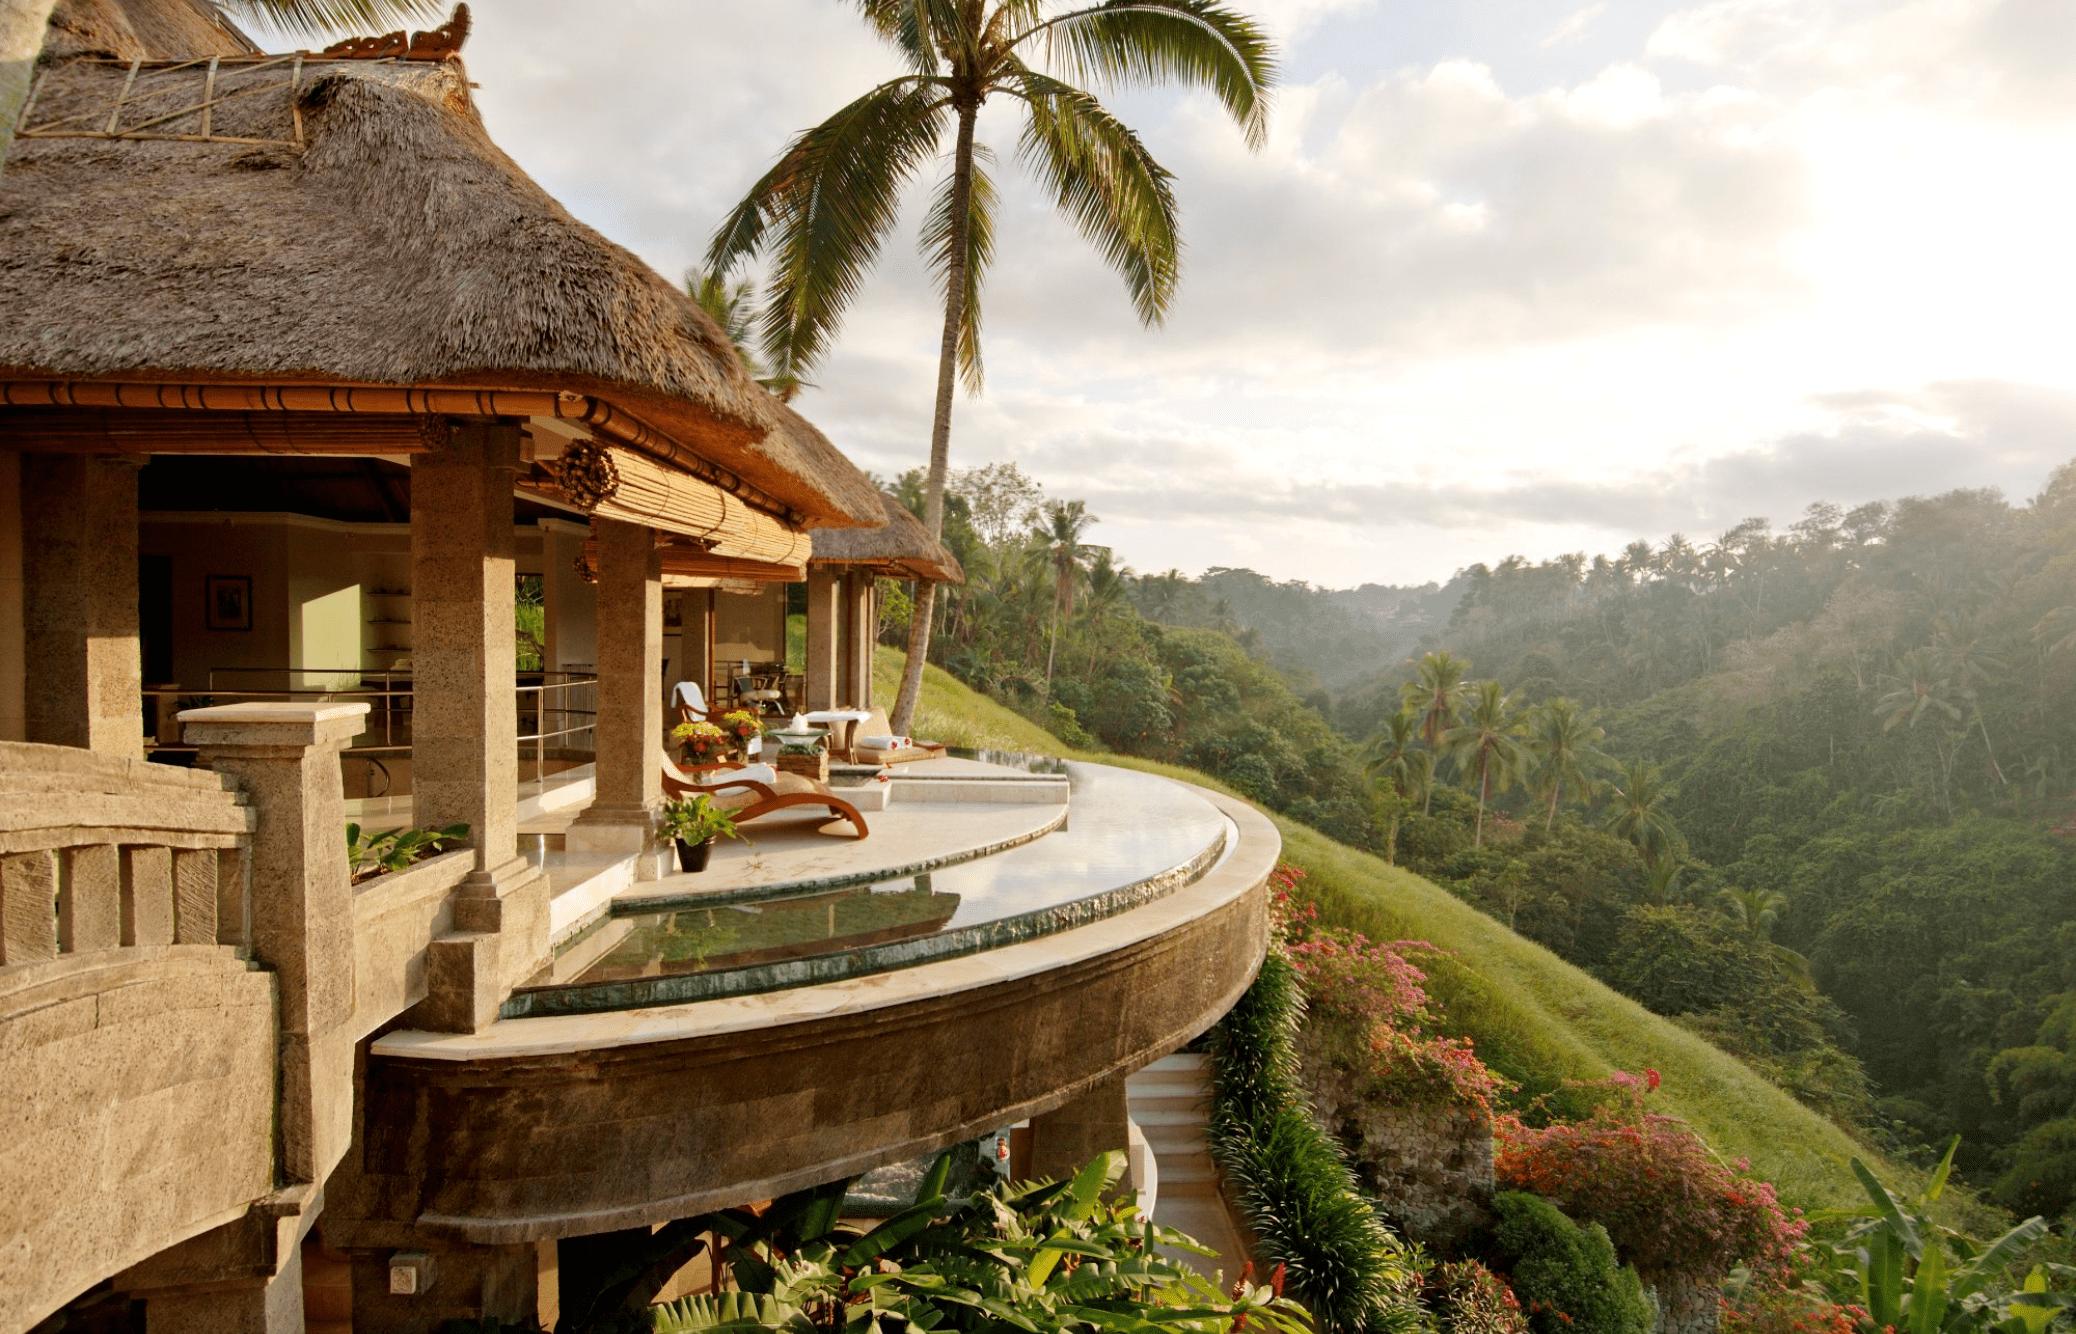 The 8 Best Bali Honeymoon Resorts Of 2021